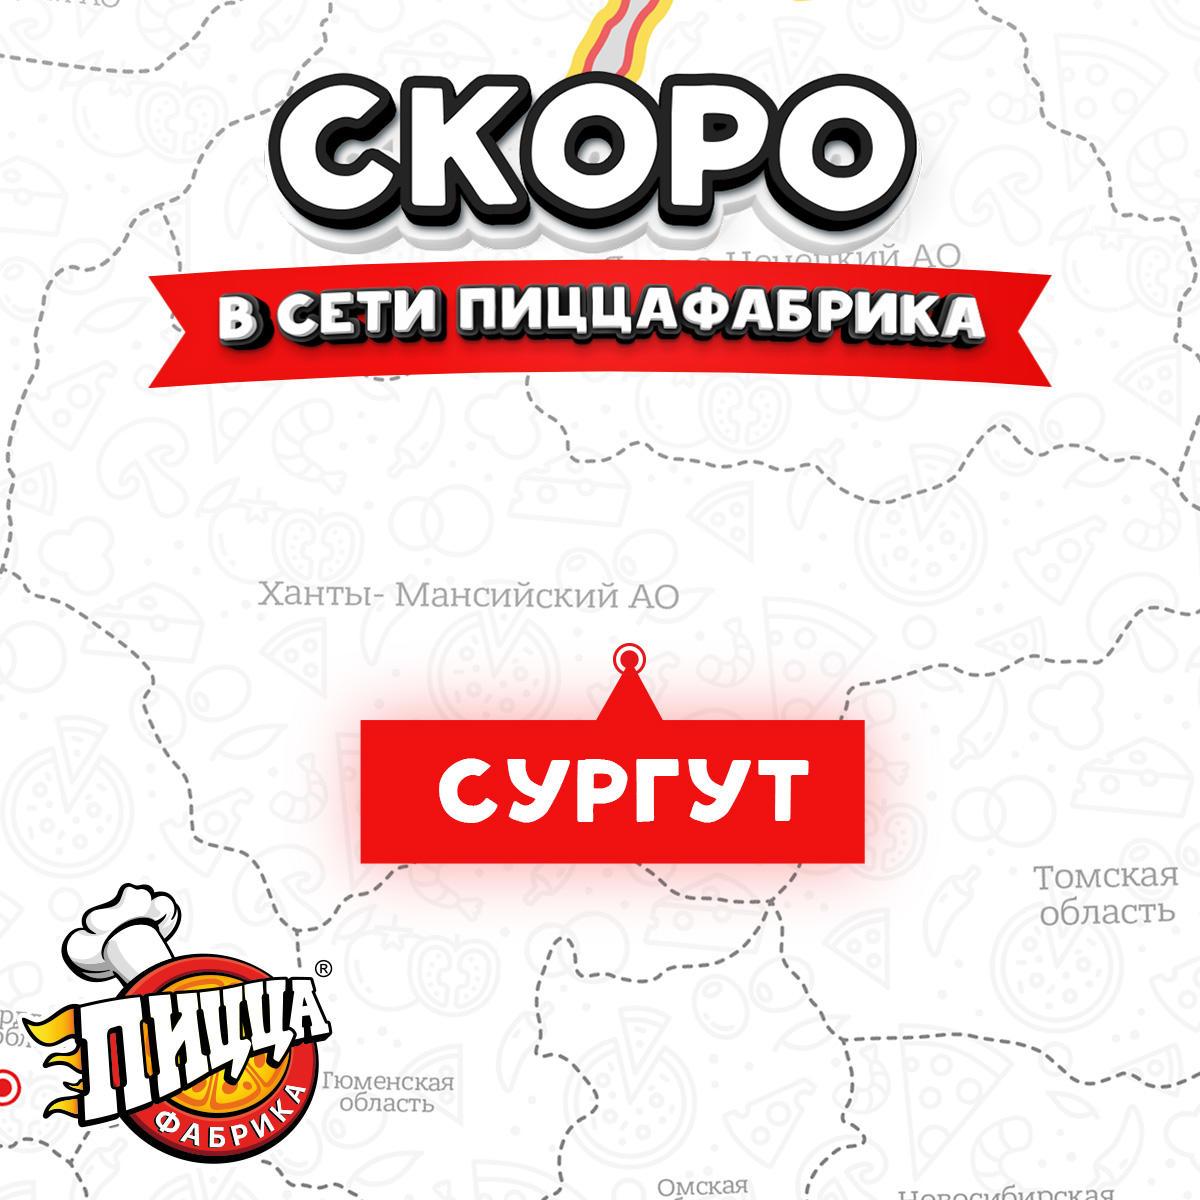 Сургут = новый город ПиццаФабрики